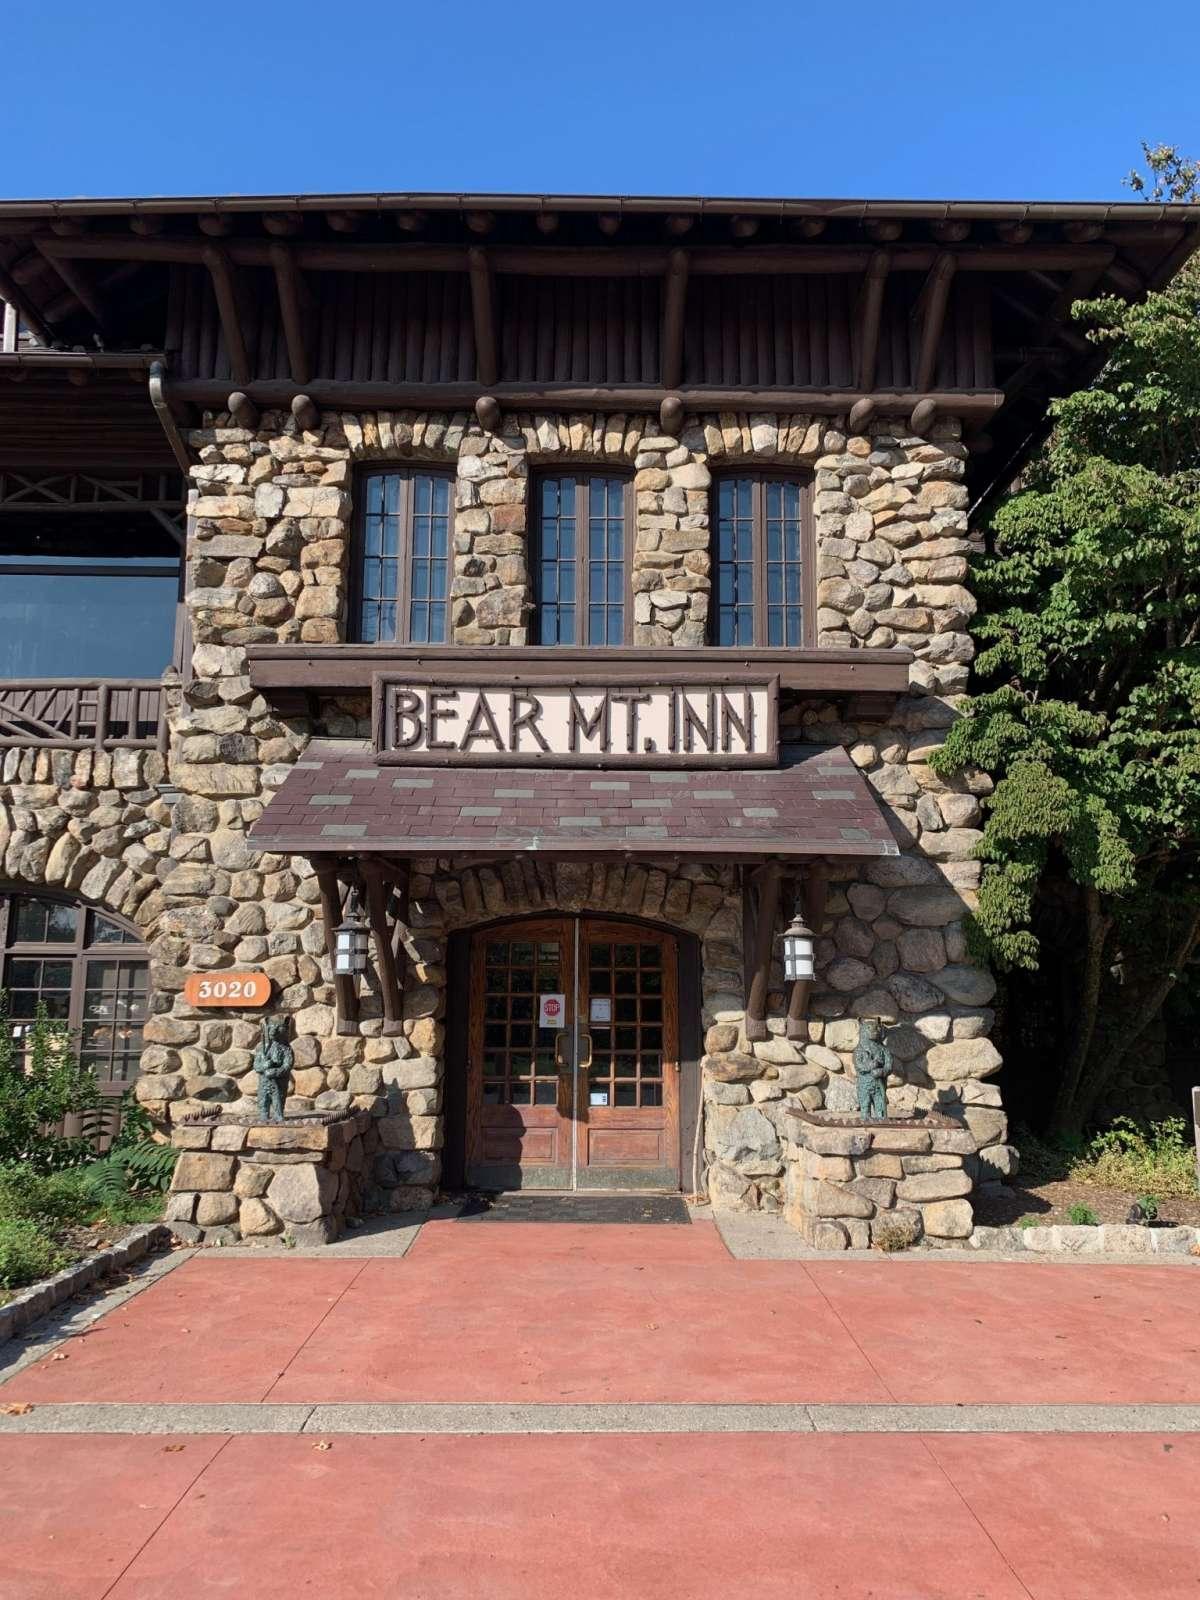 Bear Mountain State Park dans la vallée de l'Hudson à New York.